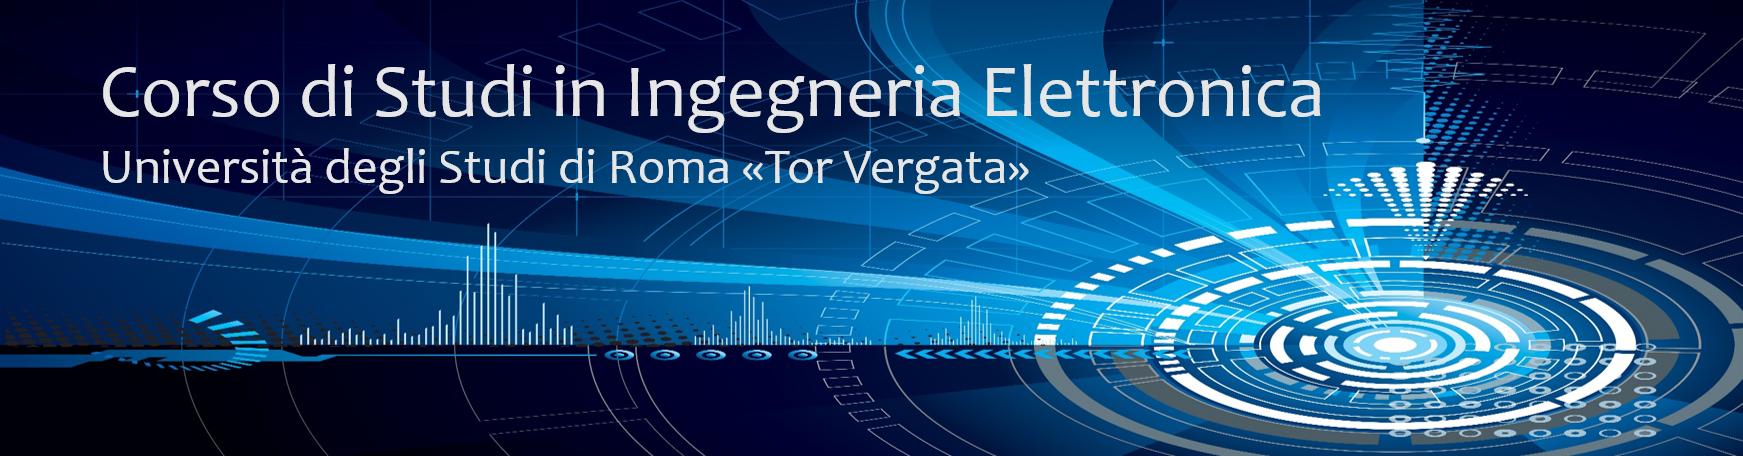 Calendario Lauree Unica Ingegneria.Corso Di Studi In Ingegneria Elettronica Corso Di Studi In